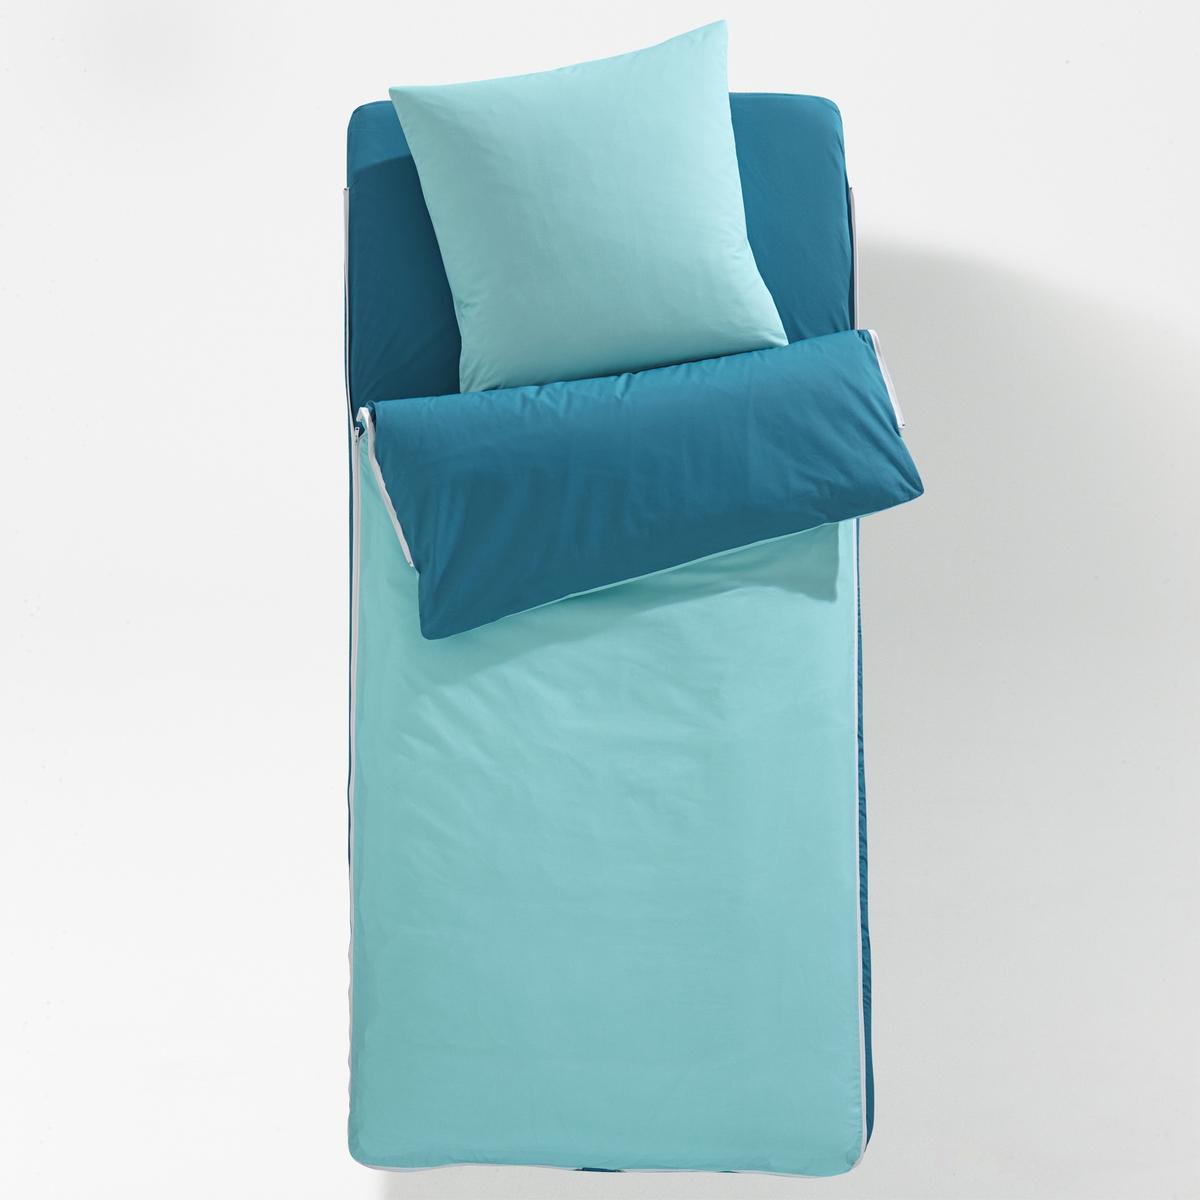 Комплект без чехла готов ко сну двухцветныйoris)Характеристики комплекта готов ко сну :В комплекте : 1 пододеяльник +1 съемное одеяло + 1 натяжная простыня + 1 квадратная наволочка  .Состав постельного комплекта  :100% хлопок с плотным переплетением нитей 57 нитей/см?   : чем больше нитей/см?, тем выше качество материала. Одеяло, 100% полиэстер (300 г/м?).Машинная стирка при 60 °СКомплекты постельные различных расцветок и с различными рисунками ищите на сайте laredoute.ruРазмеры :90 x 140 см : раскладная кровать 90 x 190 см : 1-сп.<br><br>Цвет: розовый,синий